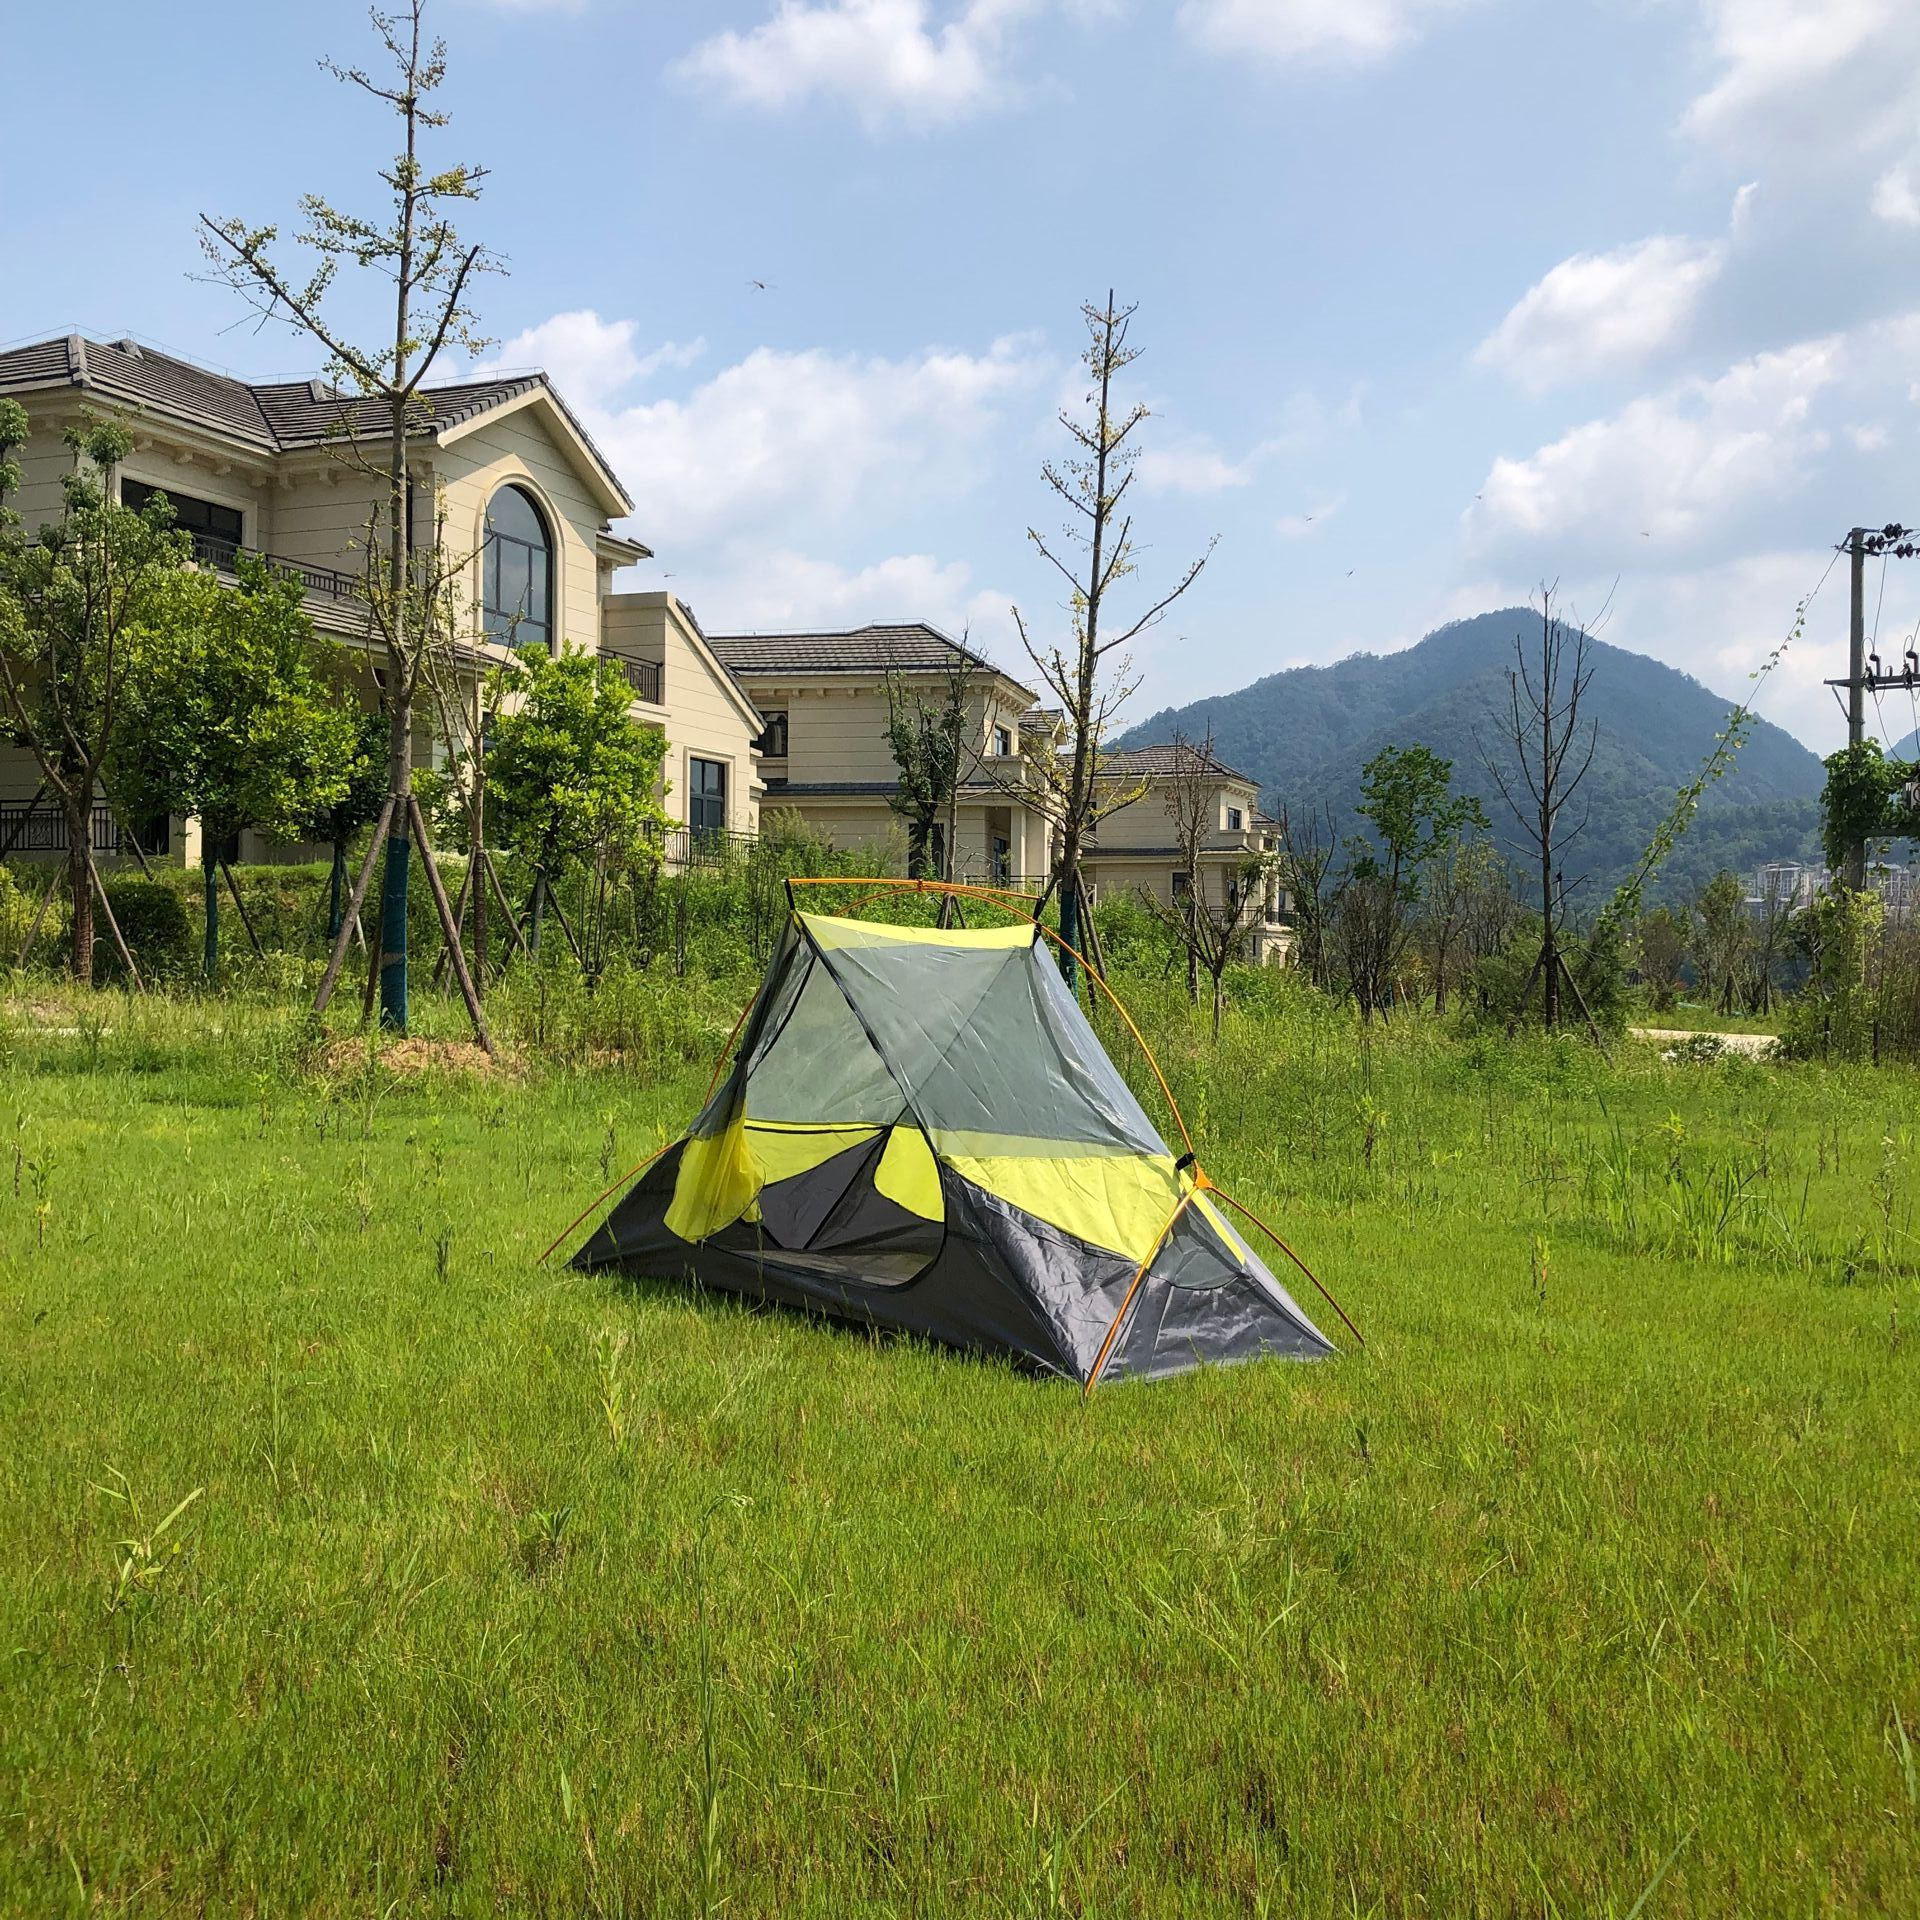 Żółty kolor Hubba Hubba NX 1 osoba lekki namiot na wędrówki z plecakiem, CZX-305 żółty namiot kempingowy, ultralekki namiot 1 człowiek, żółty namiot